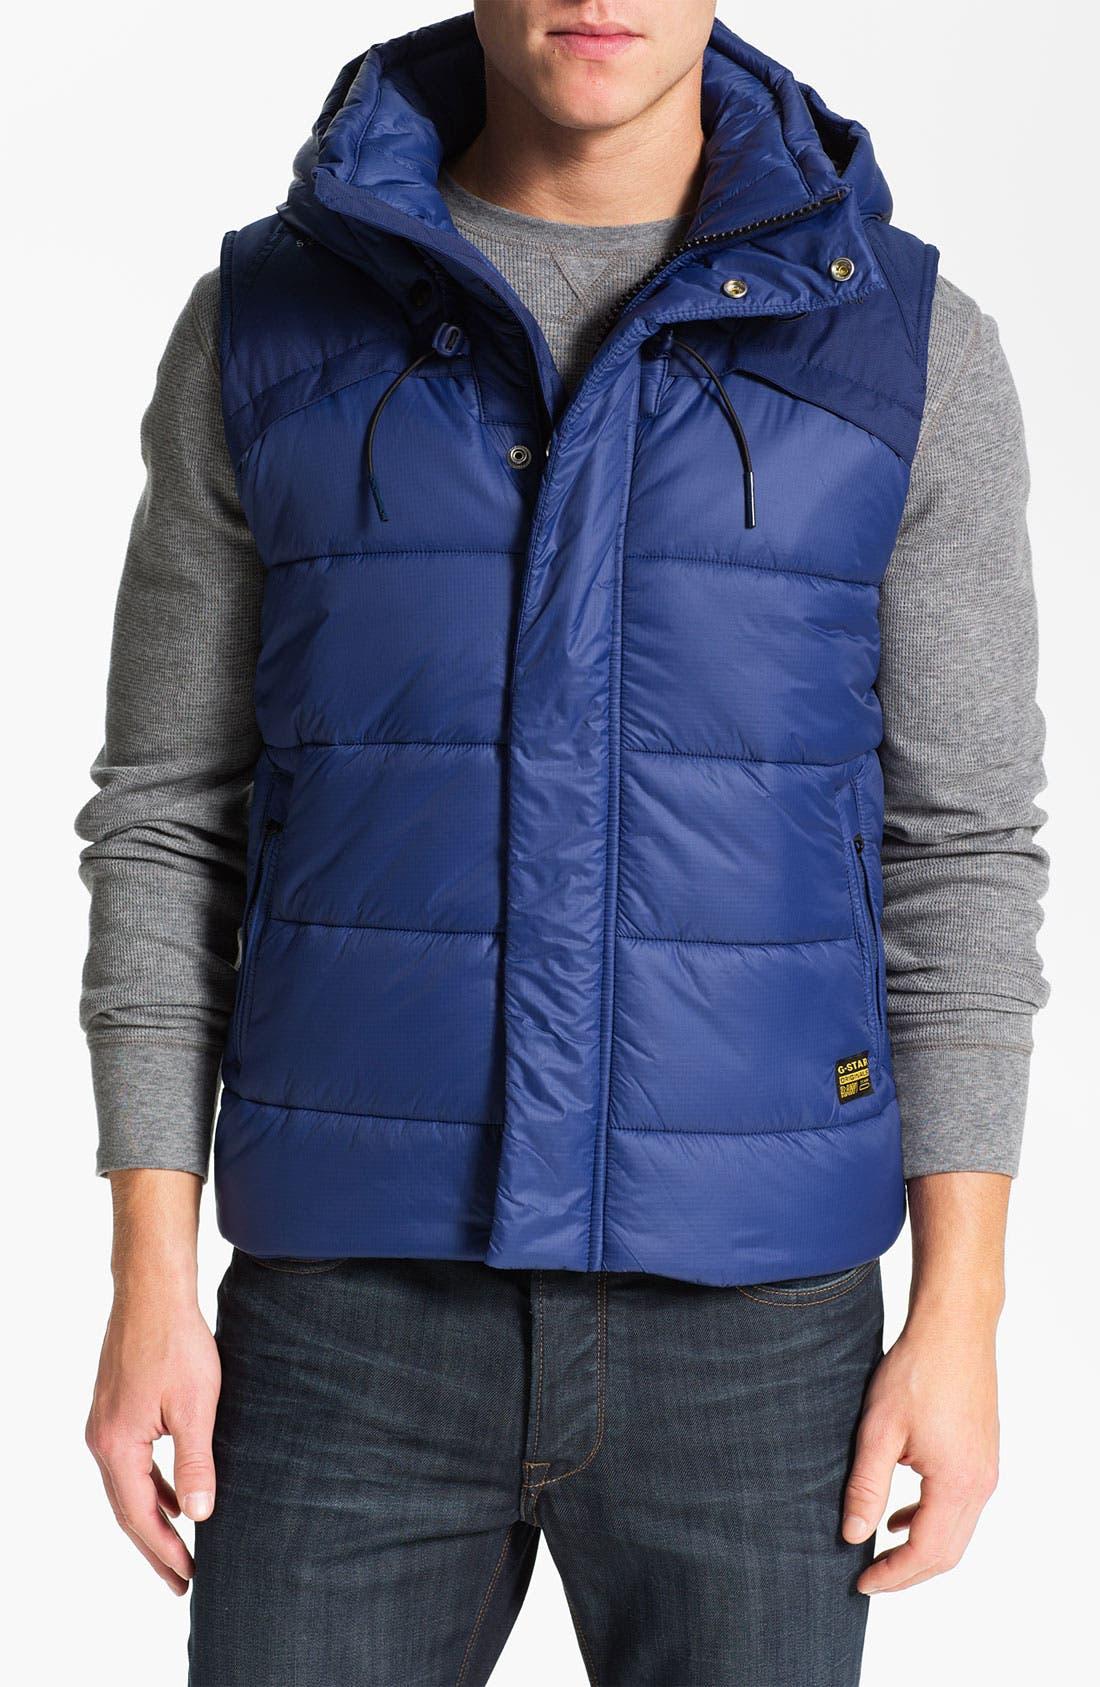 Alternate Image 1 Selected - G-Star Raw 'Whistler' Hooded Vest